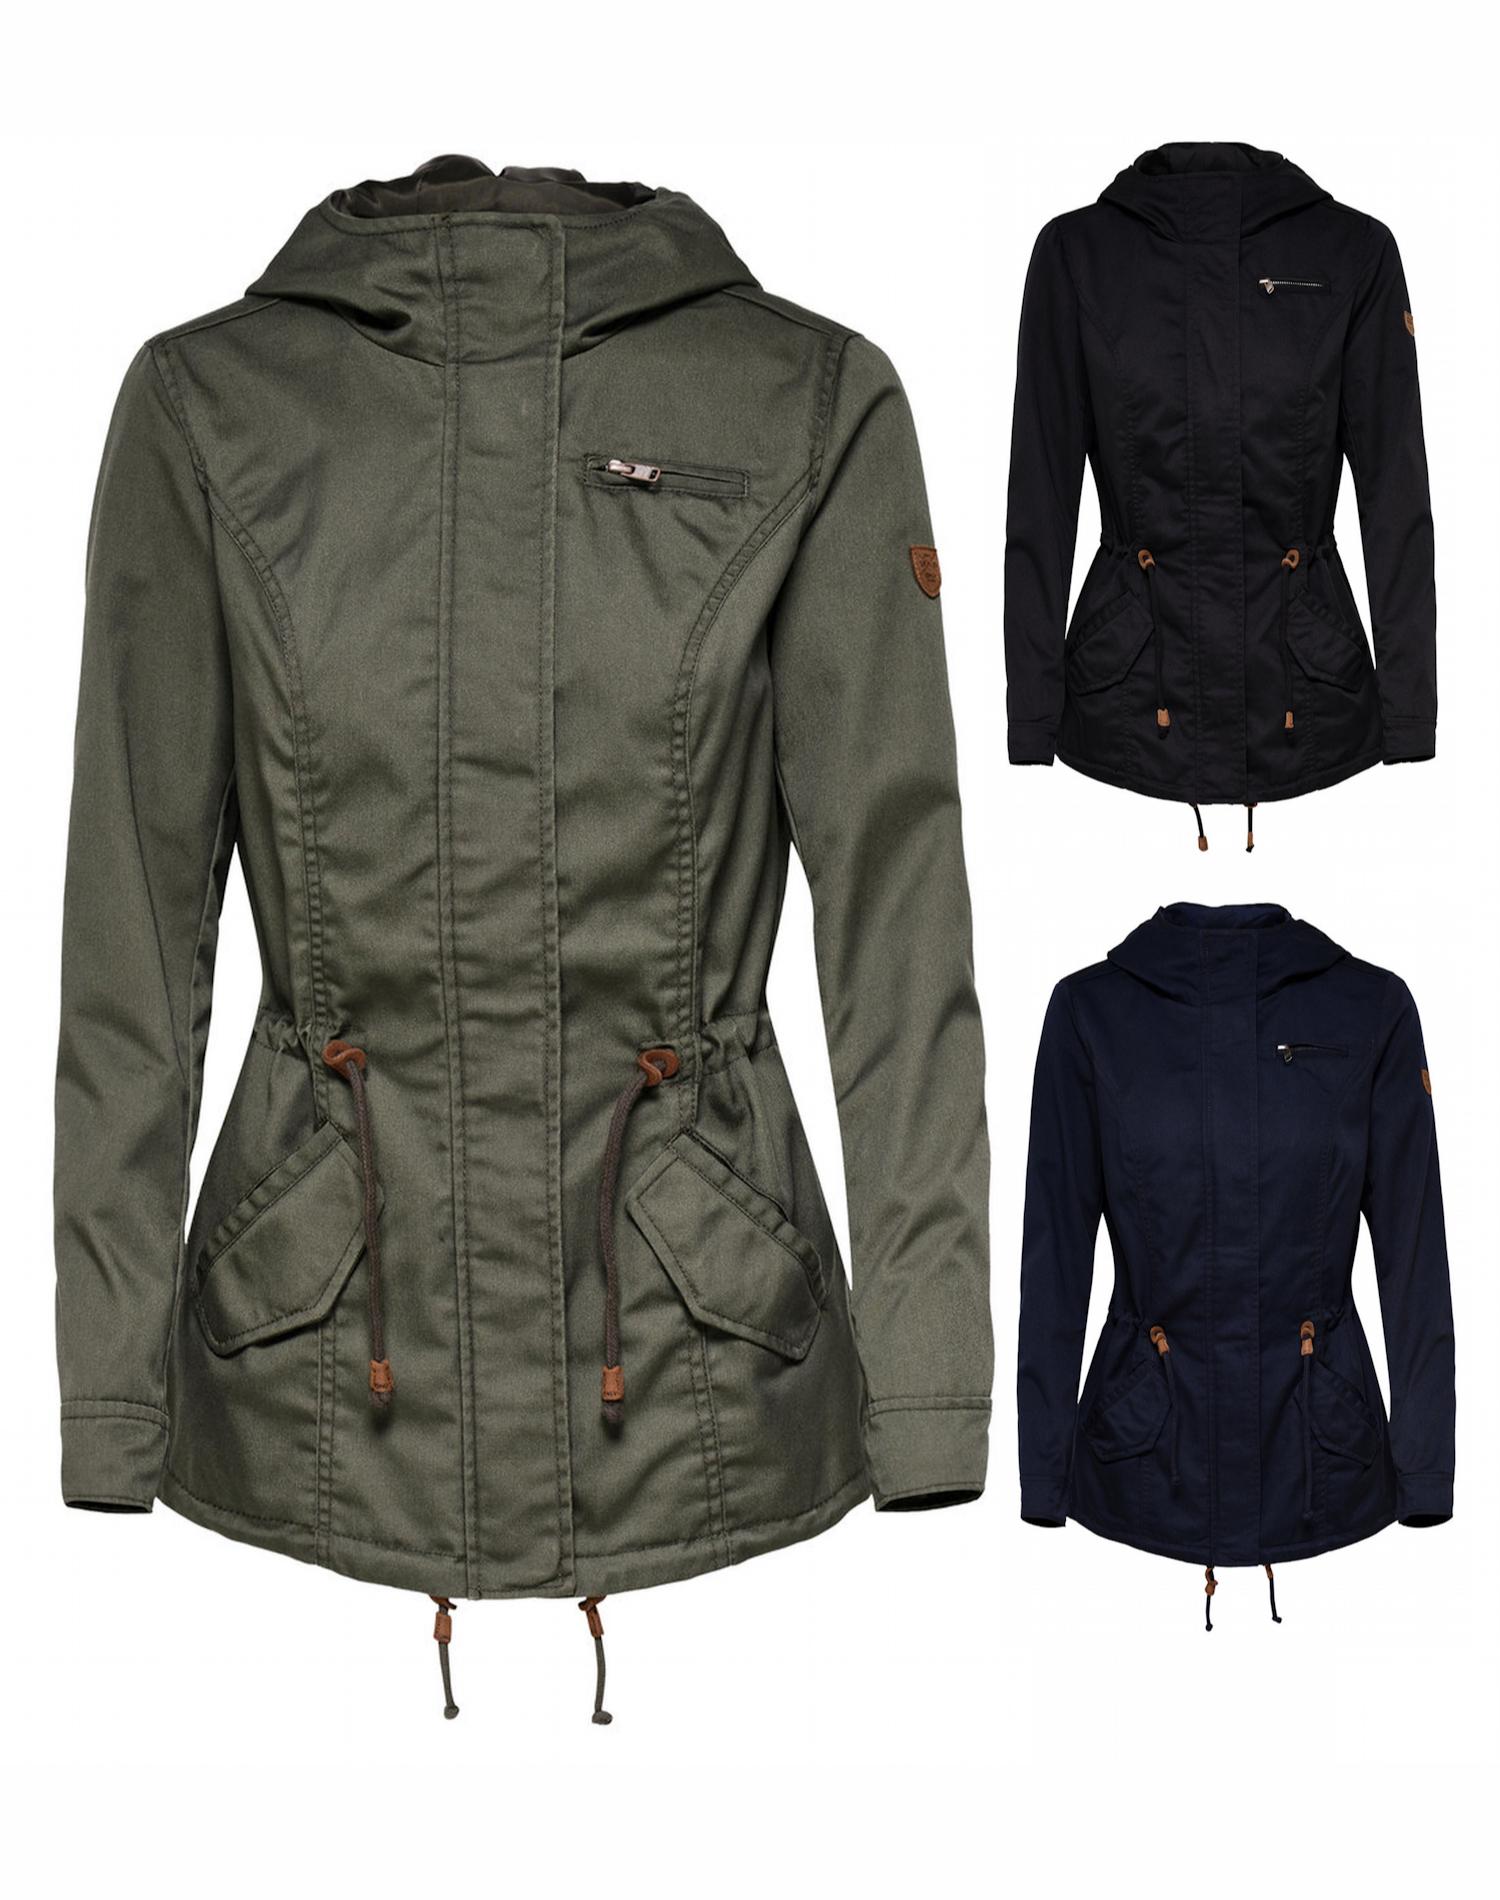 Online-Verkauf sale bestbewertet Details zu Only Damen Übergangs Jacke Parka XS S M L XL mit Kapuze schwarz  blau grün NEU